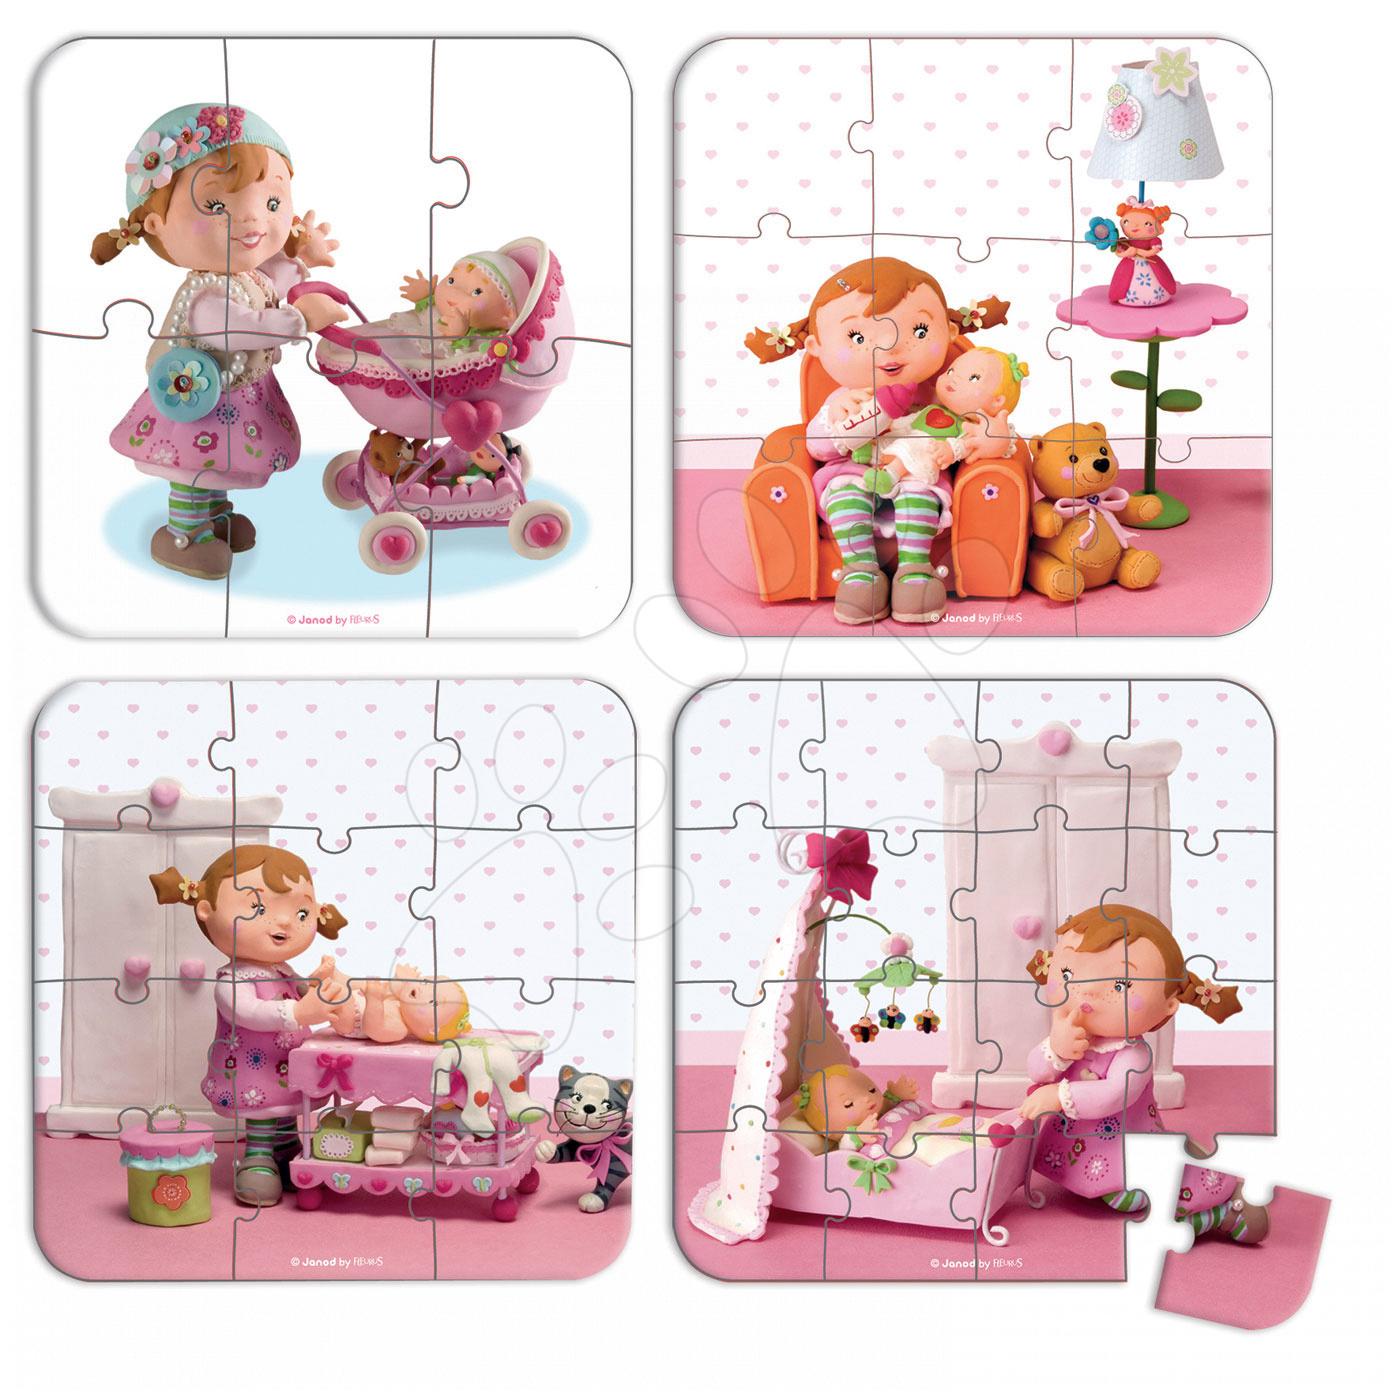 Detské puzzle do 100 dielov - Puzzle Lilou a bábiky Janod v kufríku 6-9-12-16 dielov od 3 - 6 rokov